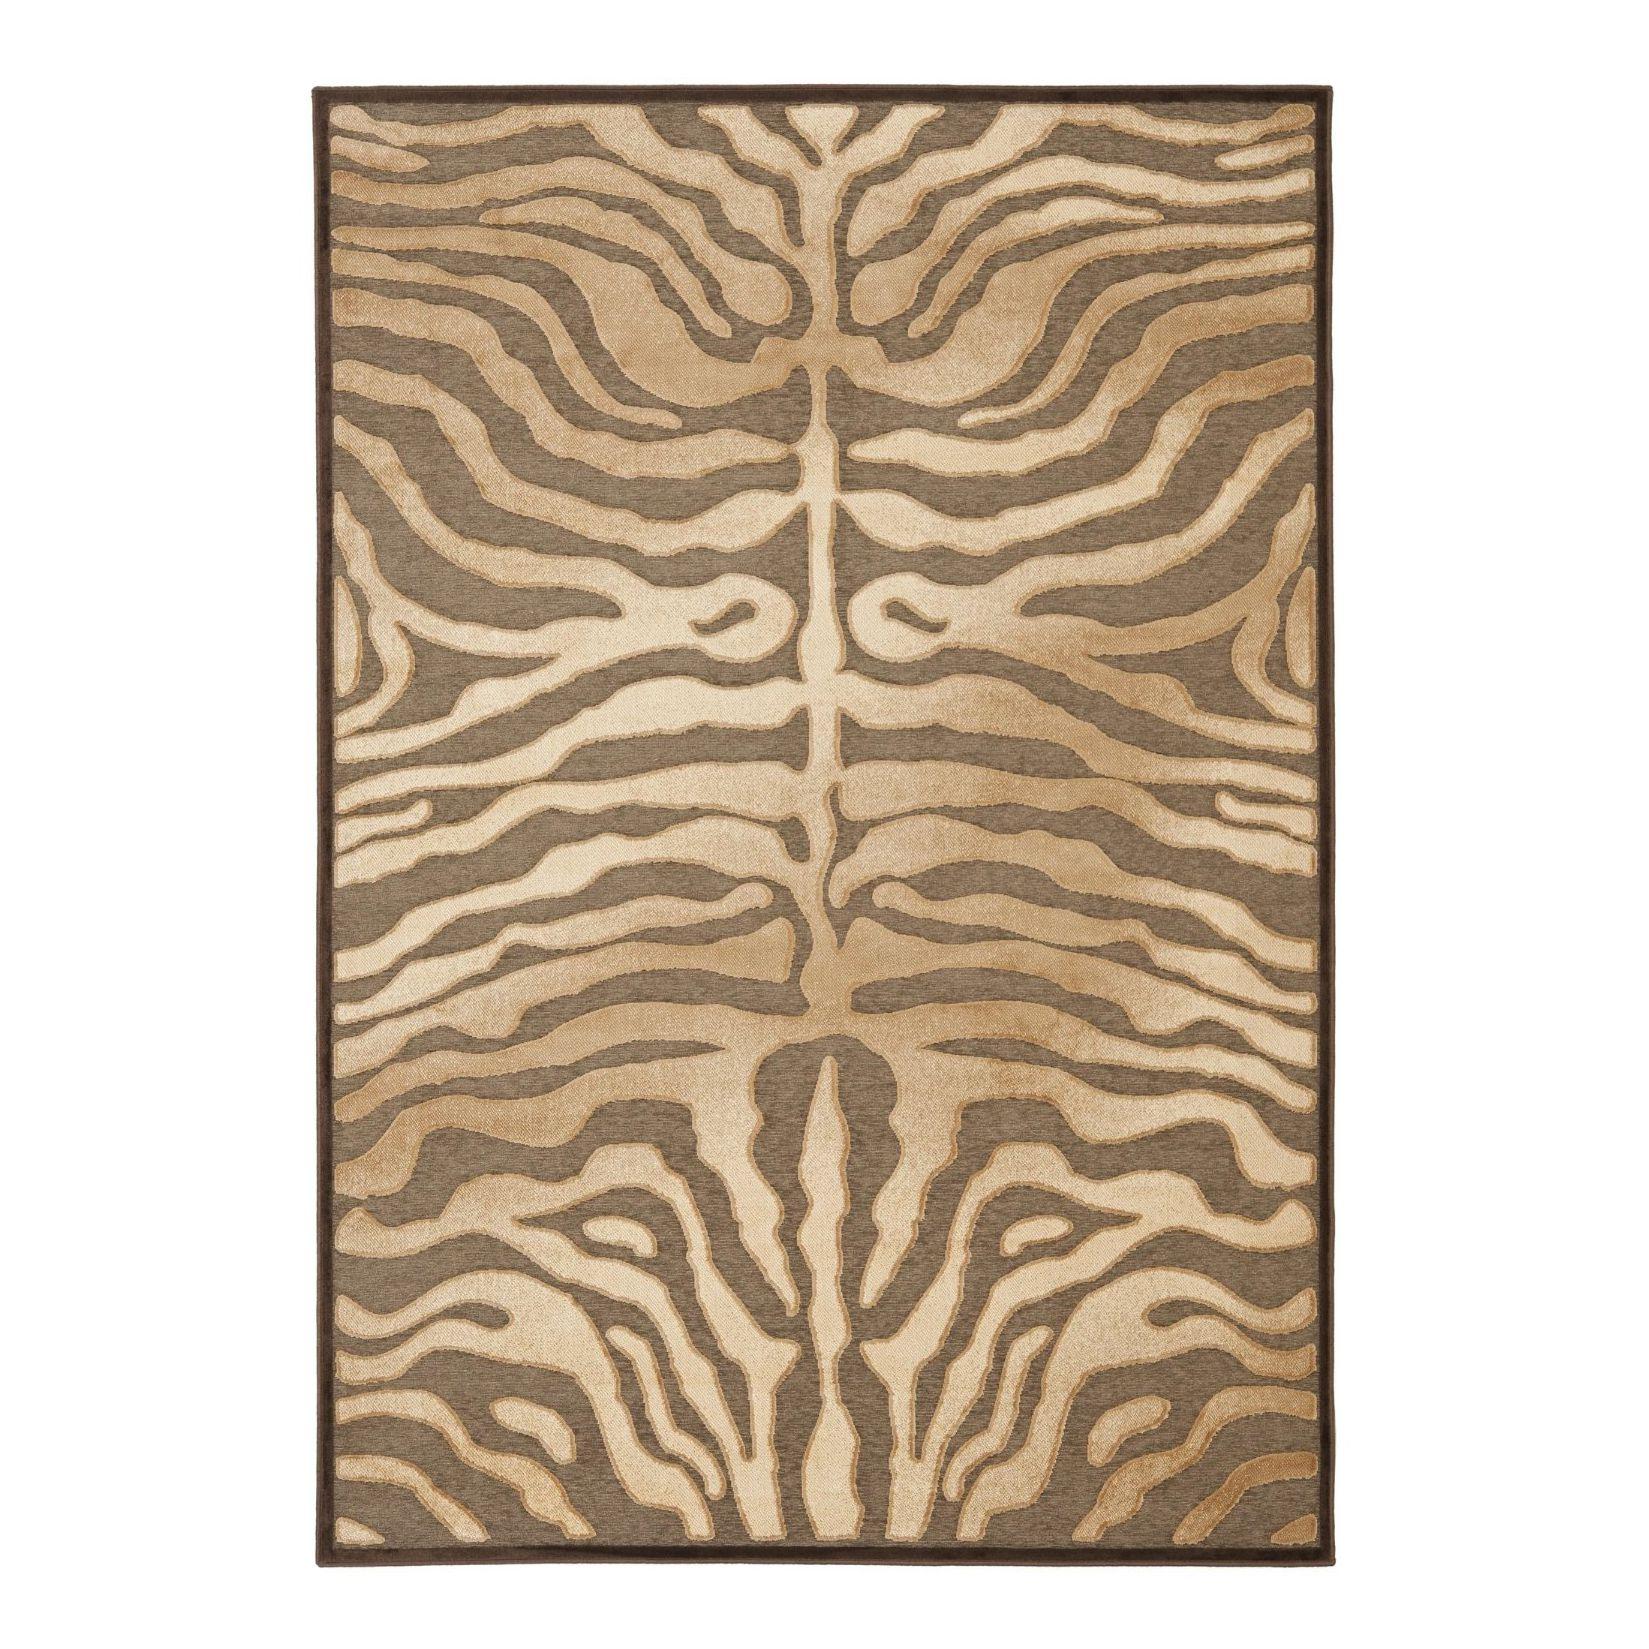 teppich fiona safavieh m bel24 m bel24 online. Black Bedroom Furniture Sets. Home Design Ideas